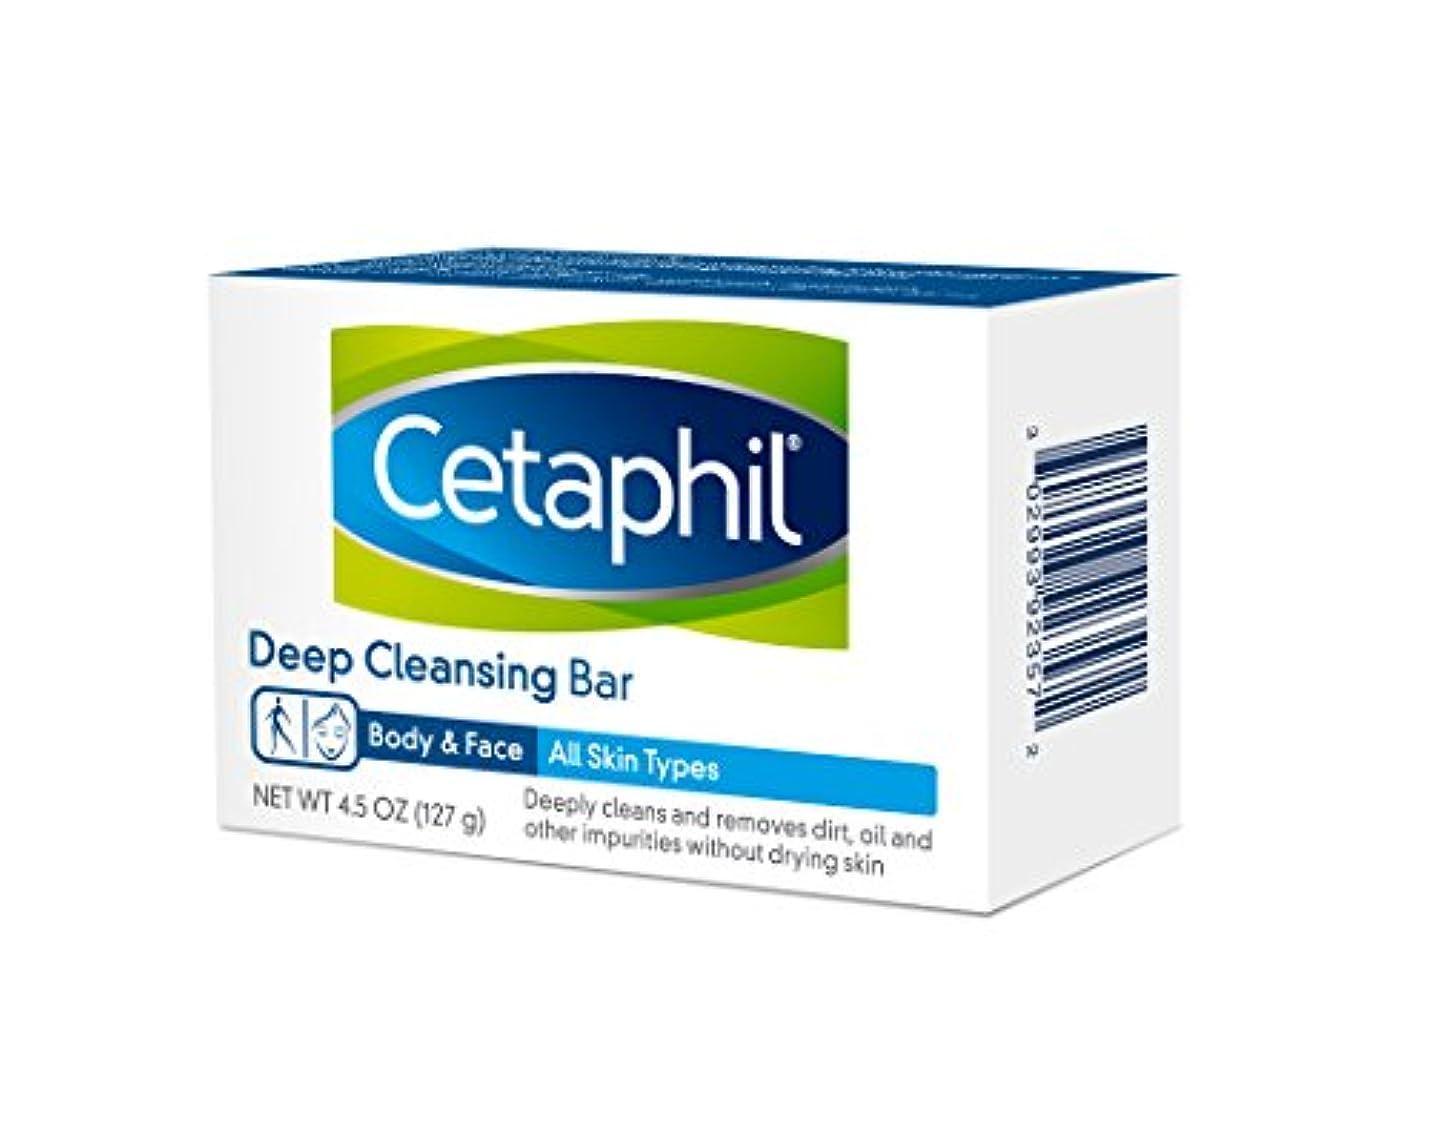 説教ピザ二週間Cetaphil Deep Cleansing Face Body Bar for All Skin Types 127g×6個セット 並行輸入品